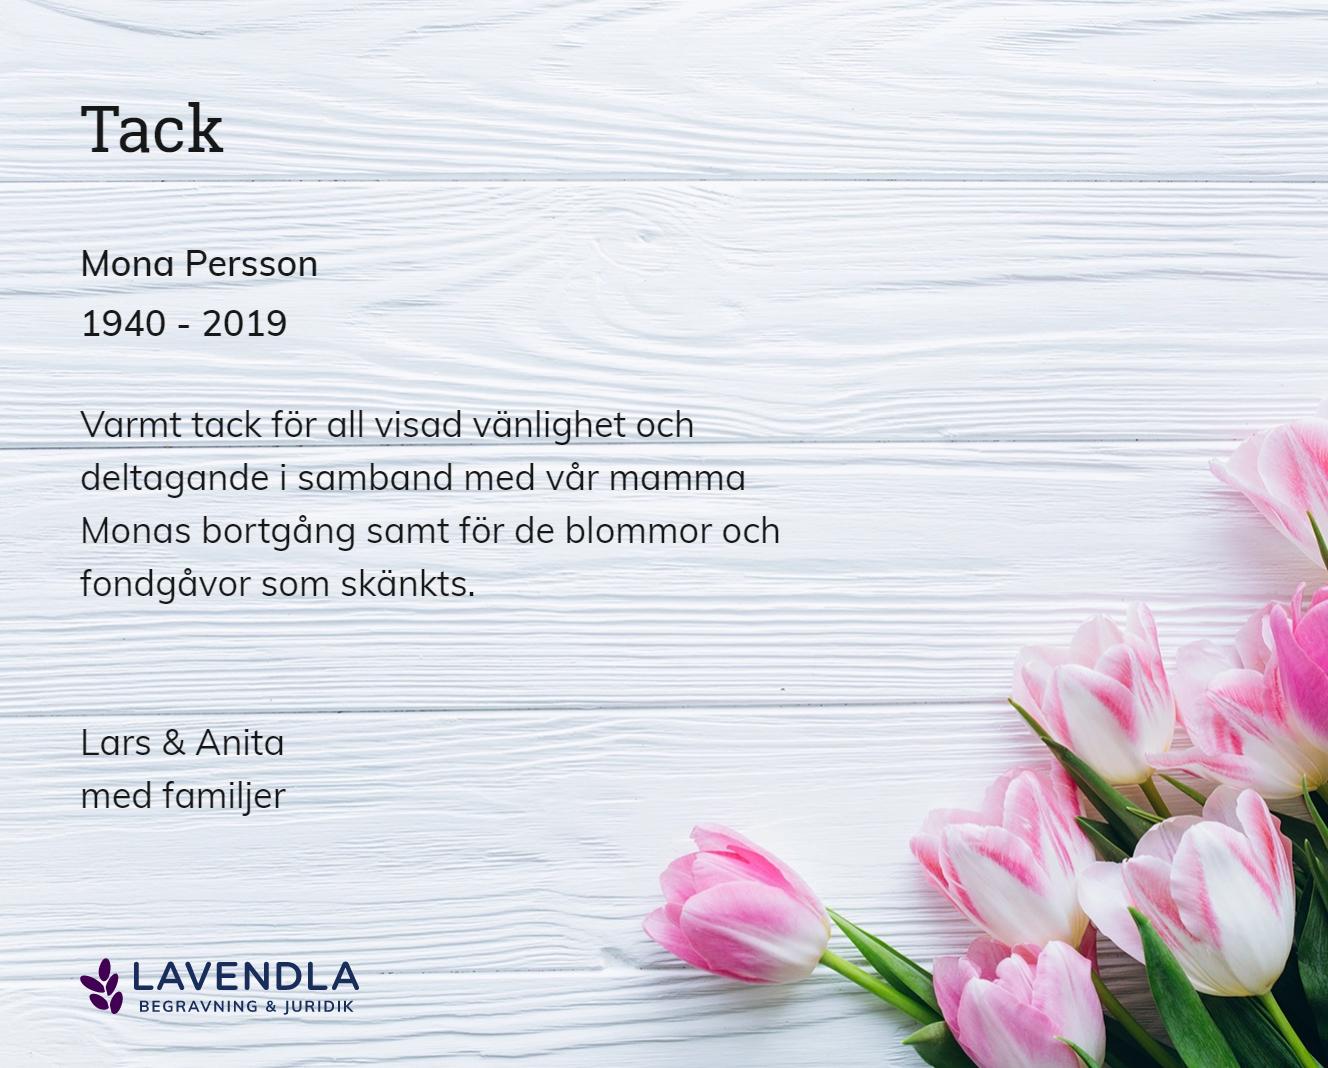 Inbjudningskort till ceremonin för Mona Persson